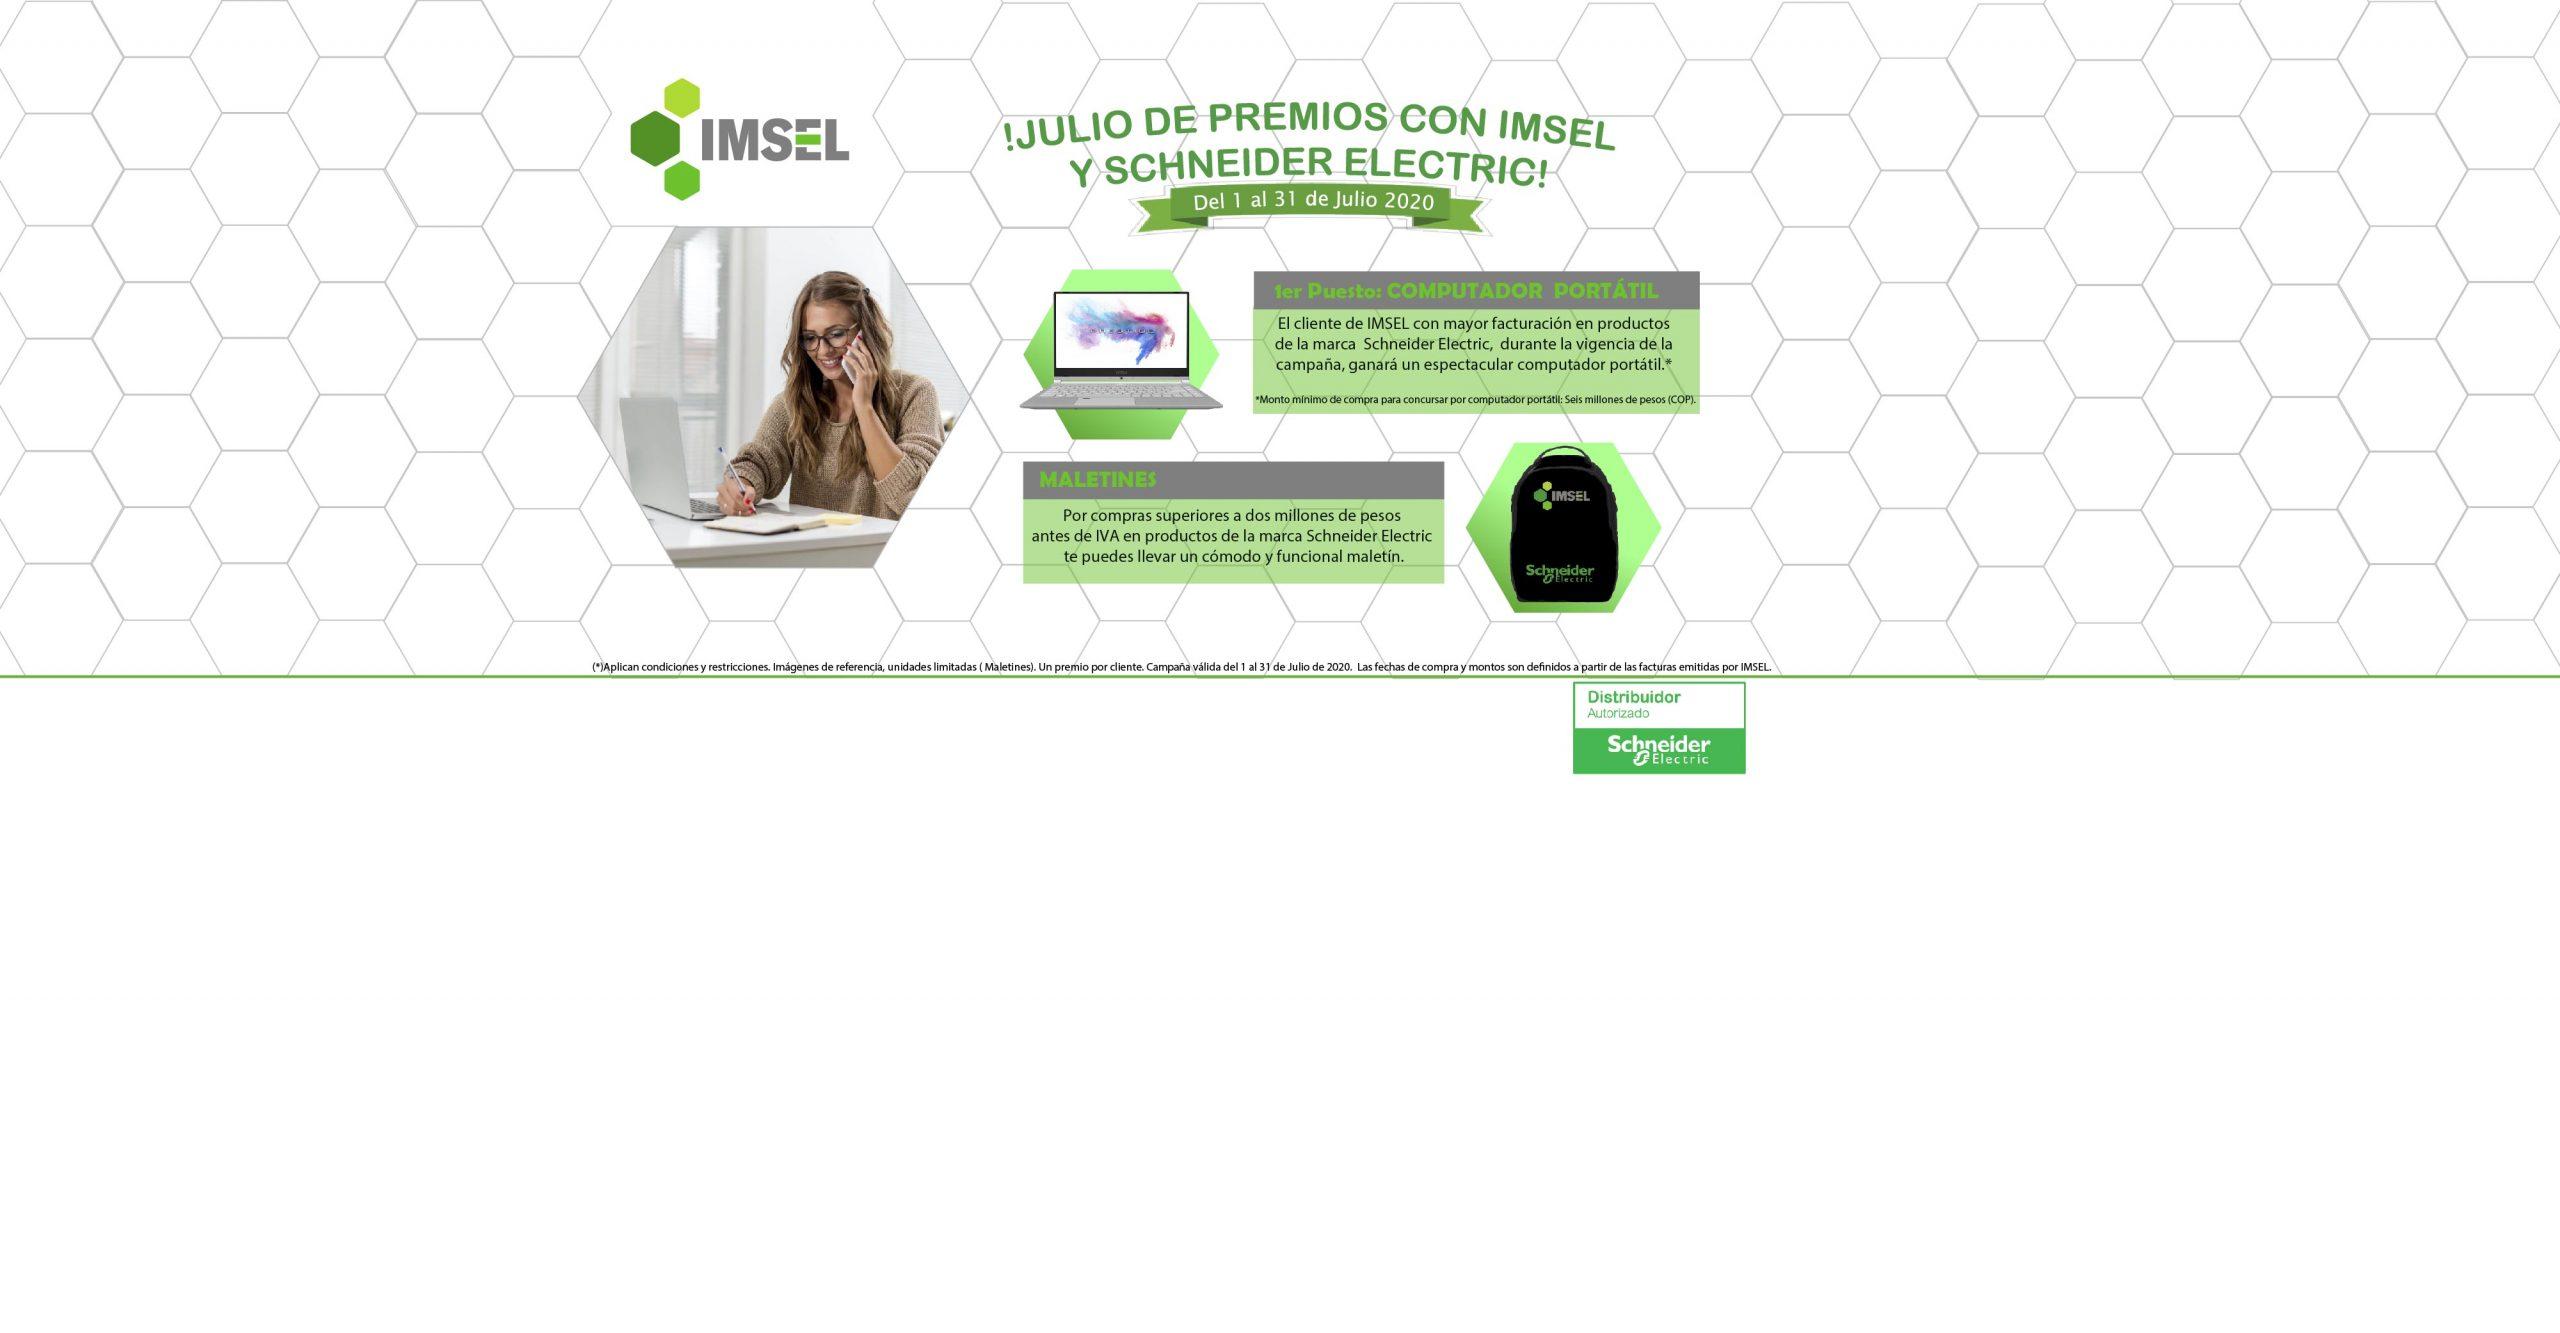 Campaña Julio IMSEL Schneider